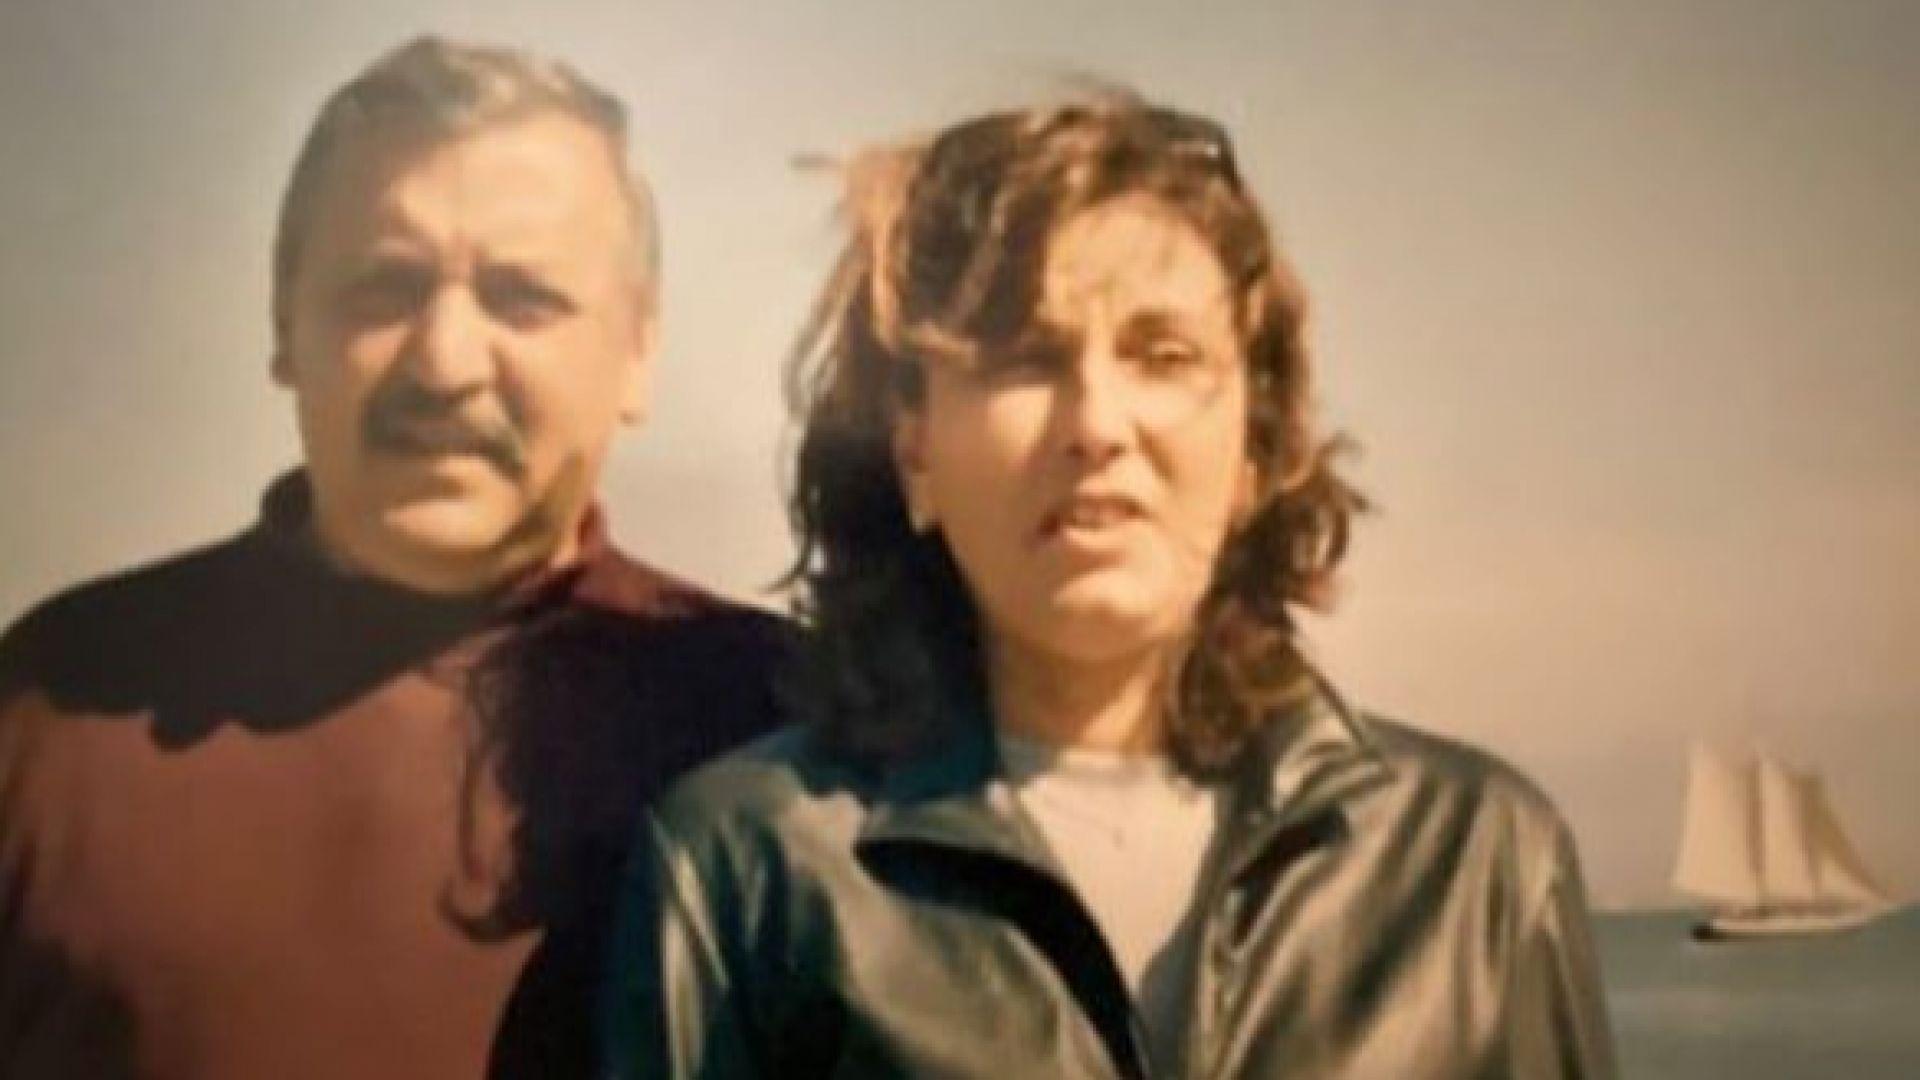 """Проф. Кантарджиев: Имам хематологично заболяване, парите ми са от застраховката """"Живот"""" на жена ми"""